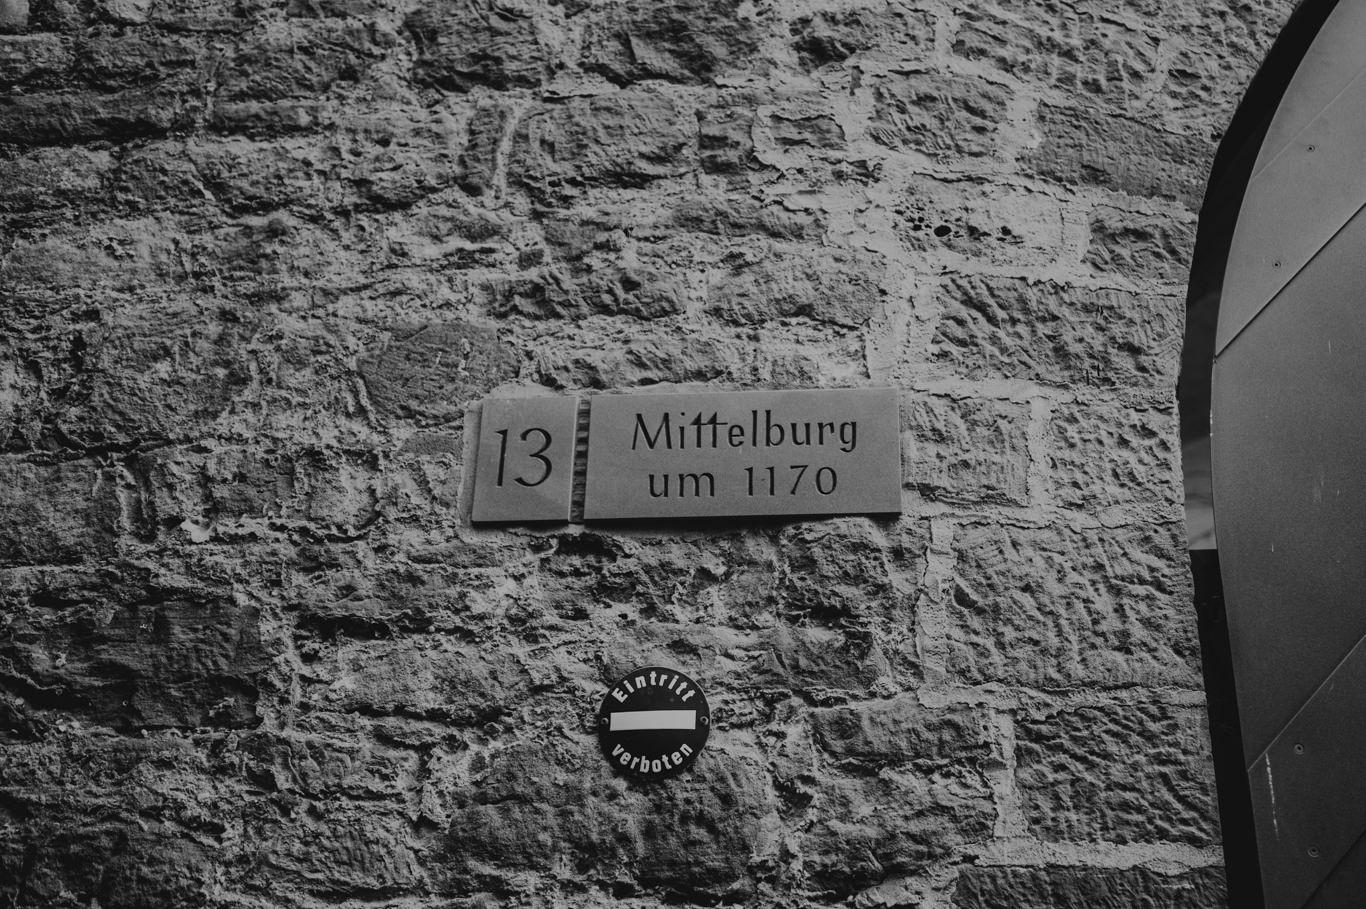 Hochzeitsfotograf Mittelburg Neckarsteinach Hochzeitsfotos Fotograf Hochzeit